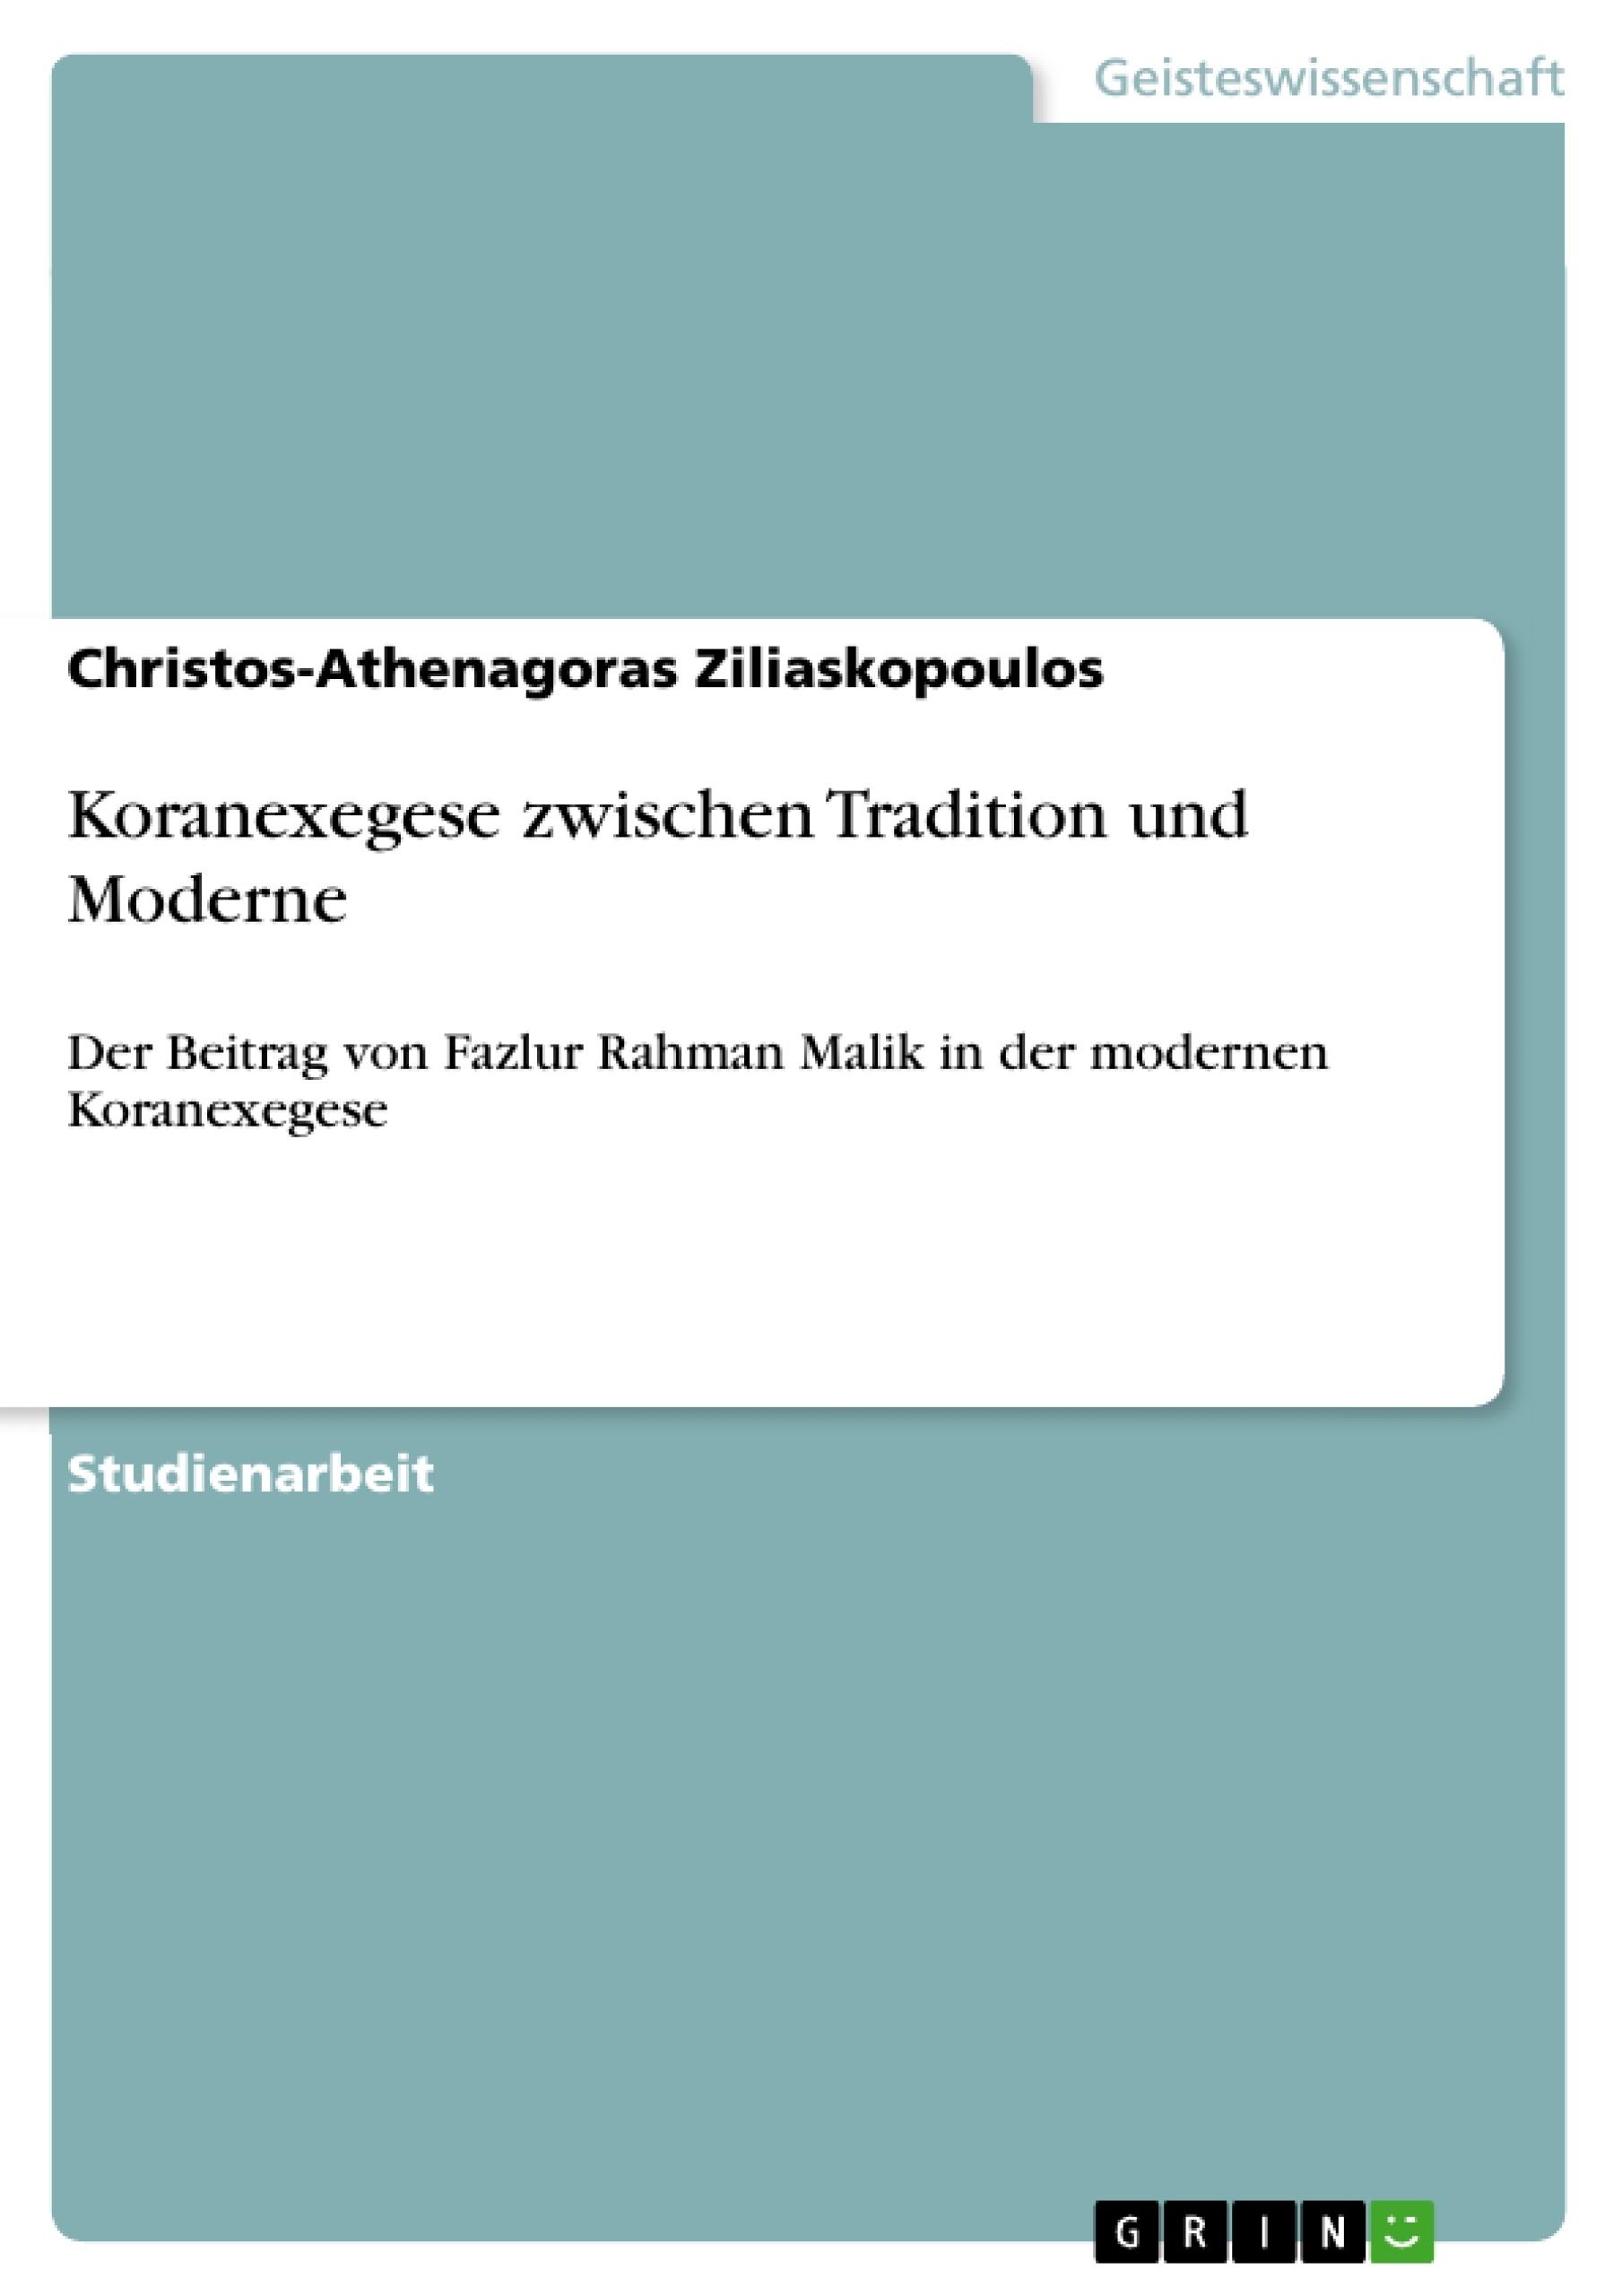 Titel: Koranexegese zwischen Tradition und Moderne